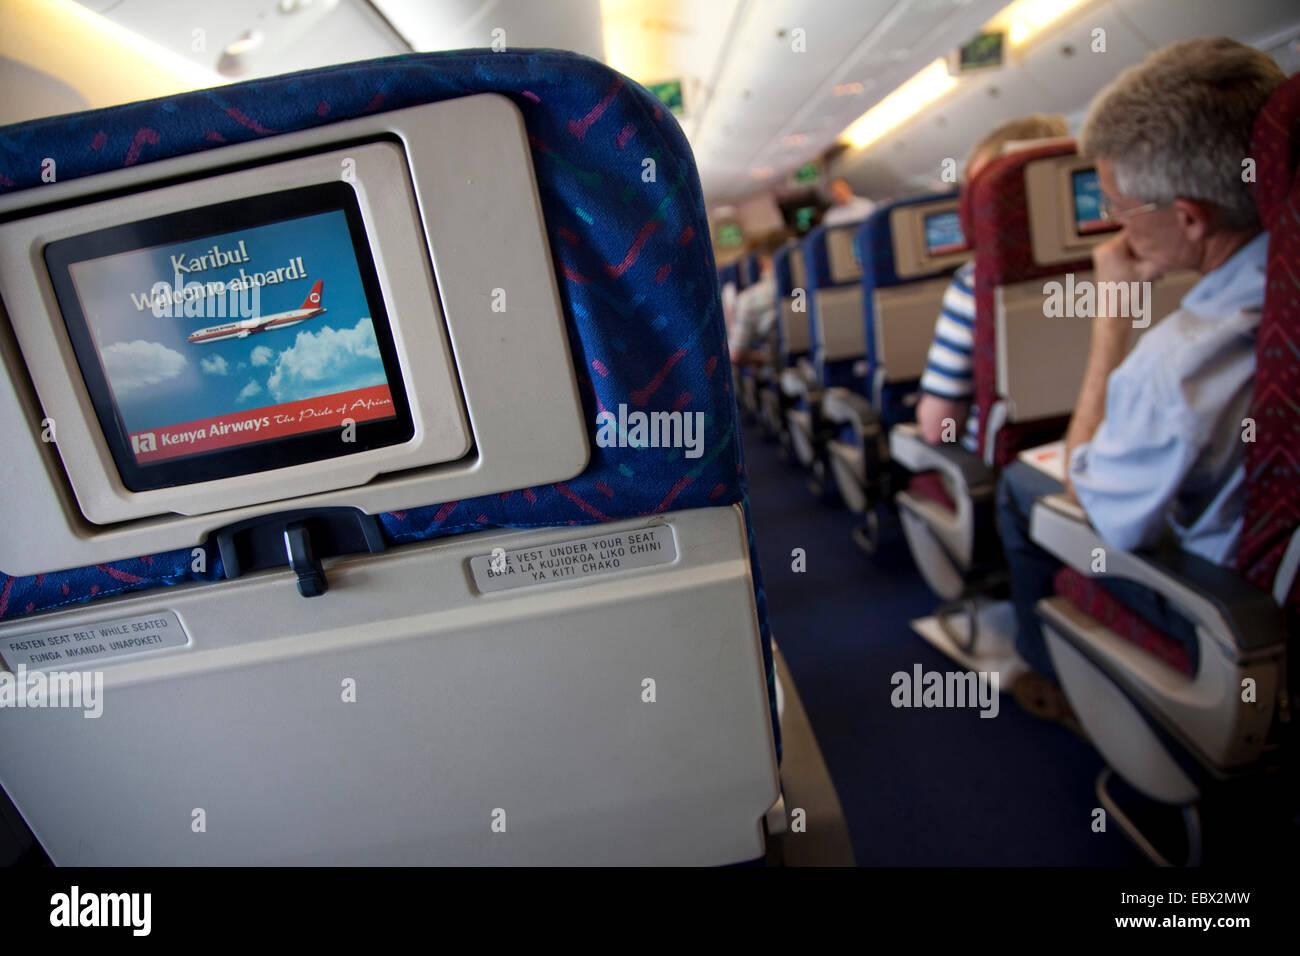 Fila de asientos y los pasajeros en un avión, en Nairobi, Kenia, Imagen De Stock